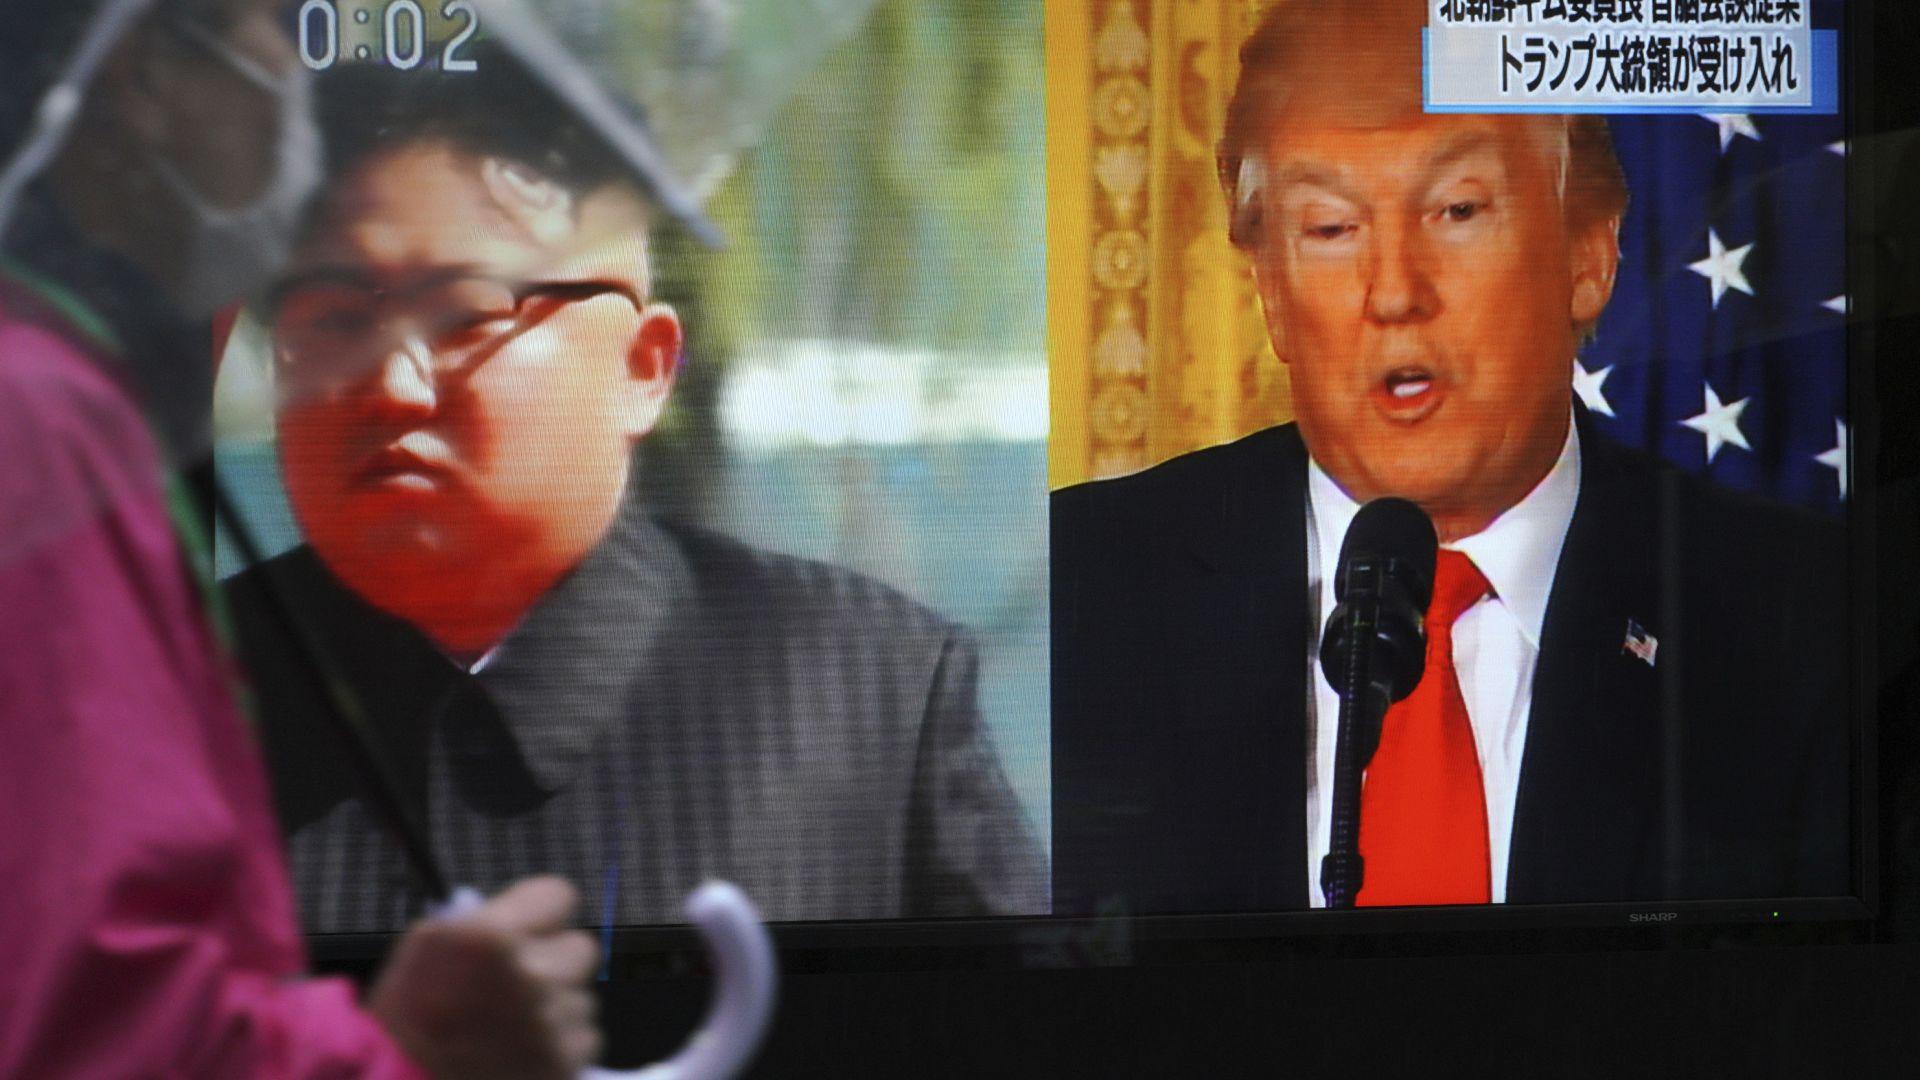 Отказва ли се Пхенян от ядрения си арсенал или се опитва да крие улики?